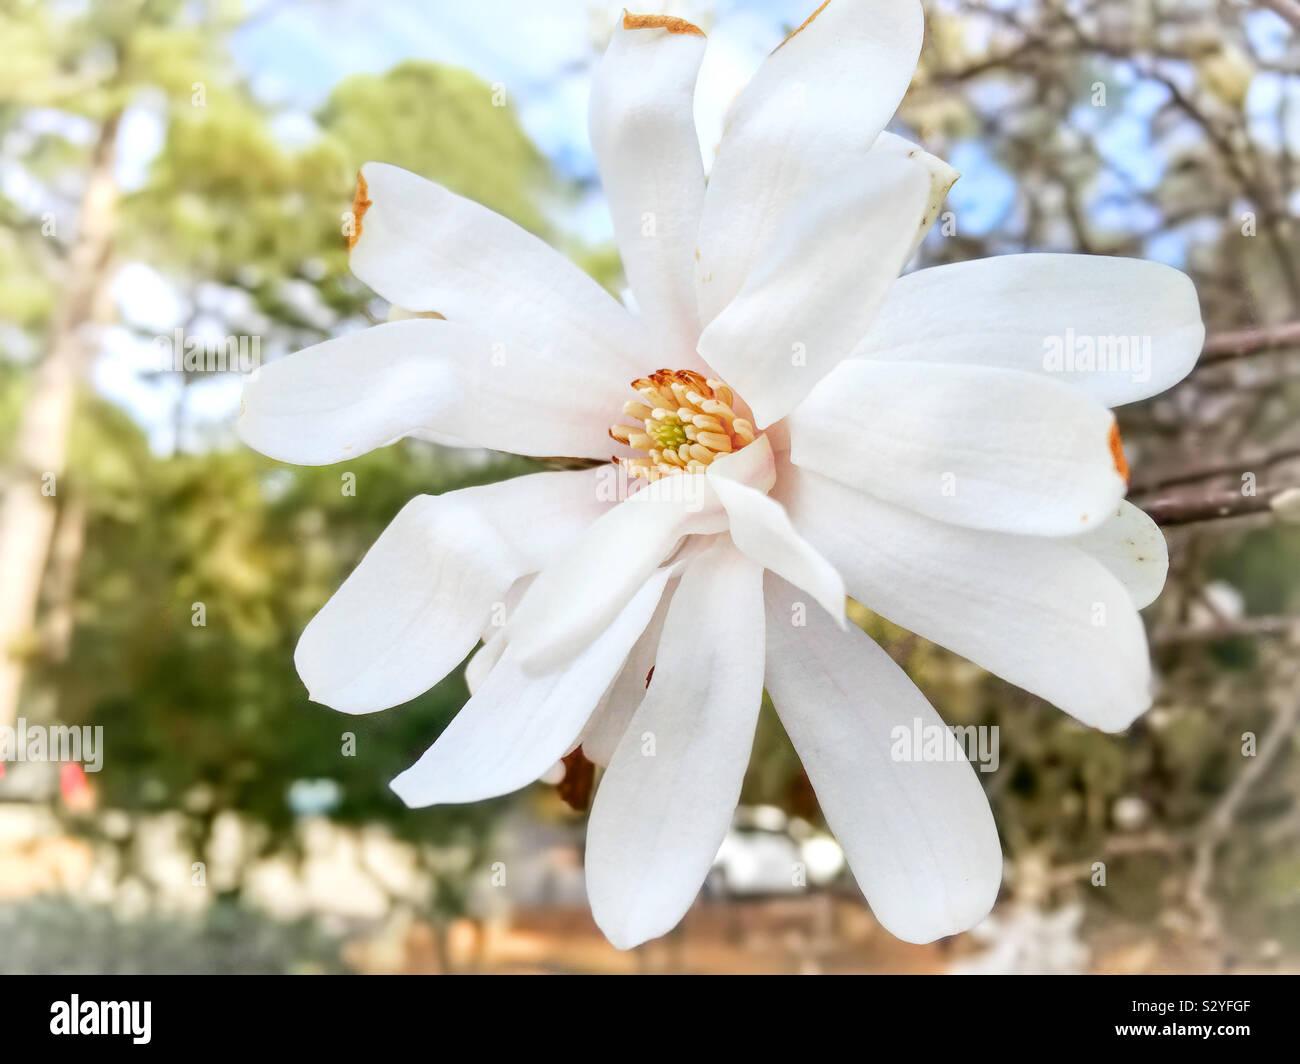 Una chiusura mostra tutti gli splendidi dettagli naturali di un bianco stella colorata Magnolia sbocciare dei fiori. Messa a fuoco selettiva in primo piano. Foto Stock